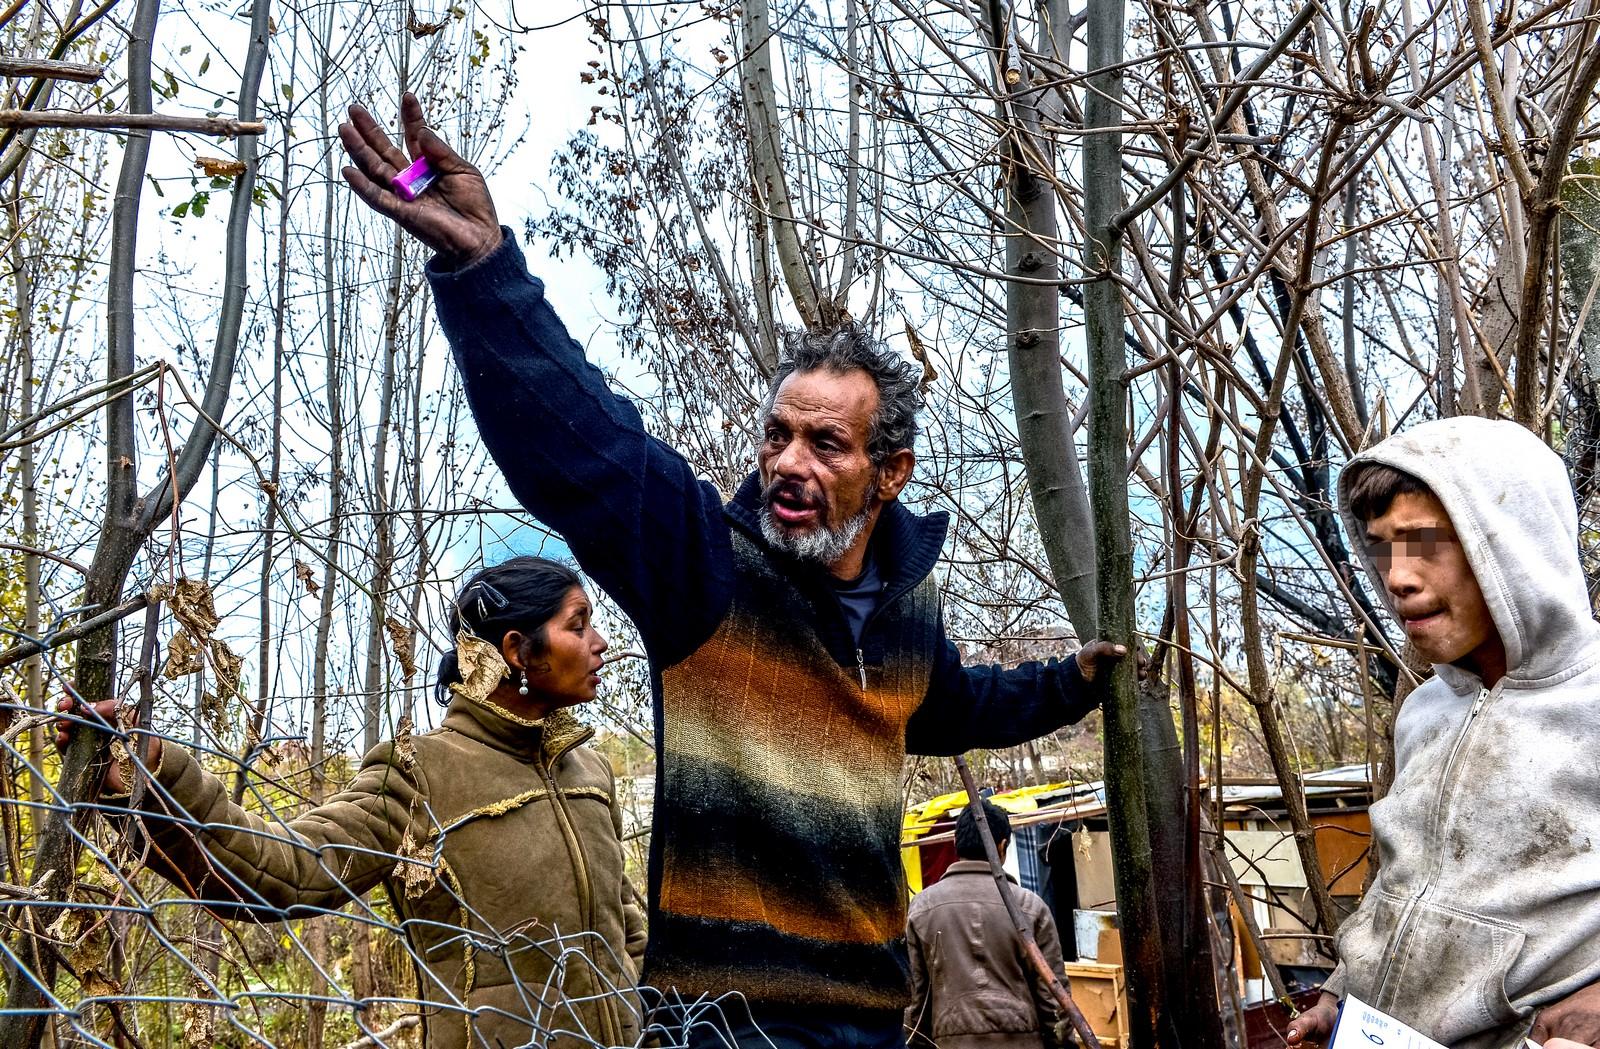 FOTO – VIDEO Tabără ilegală de romi la doar cinci minute de Piața Mare